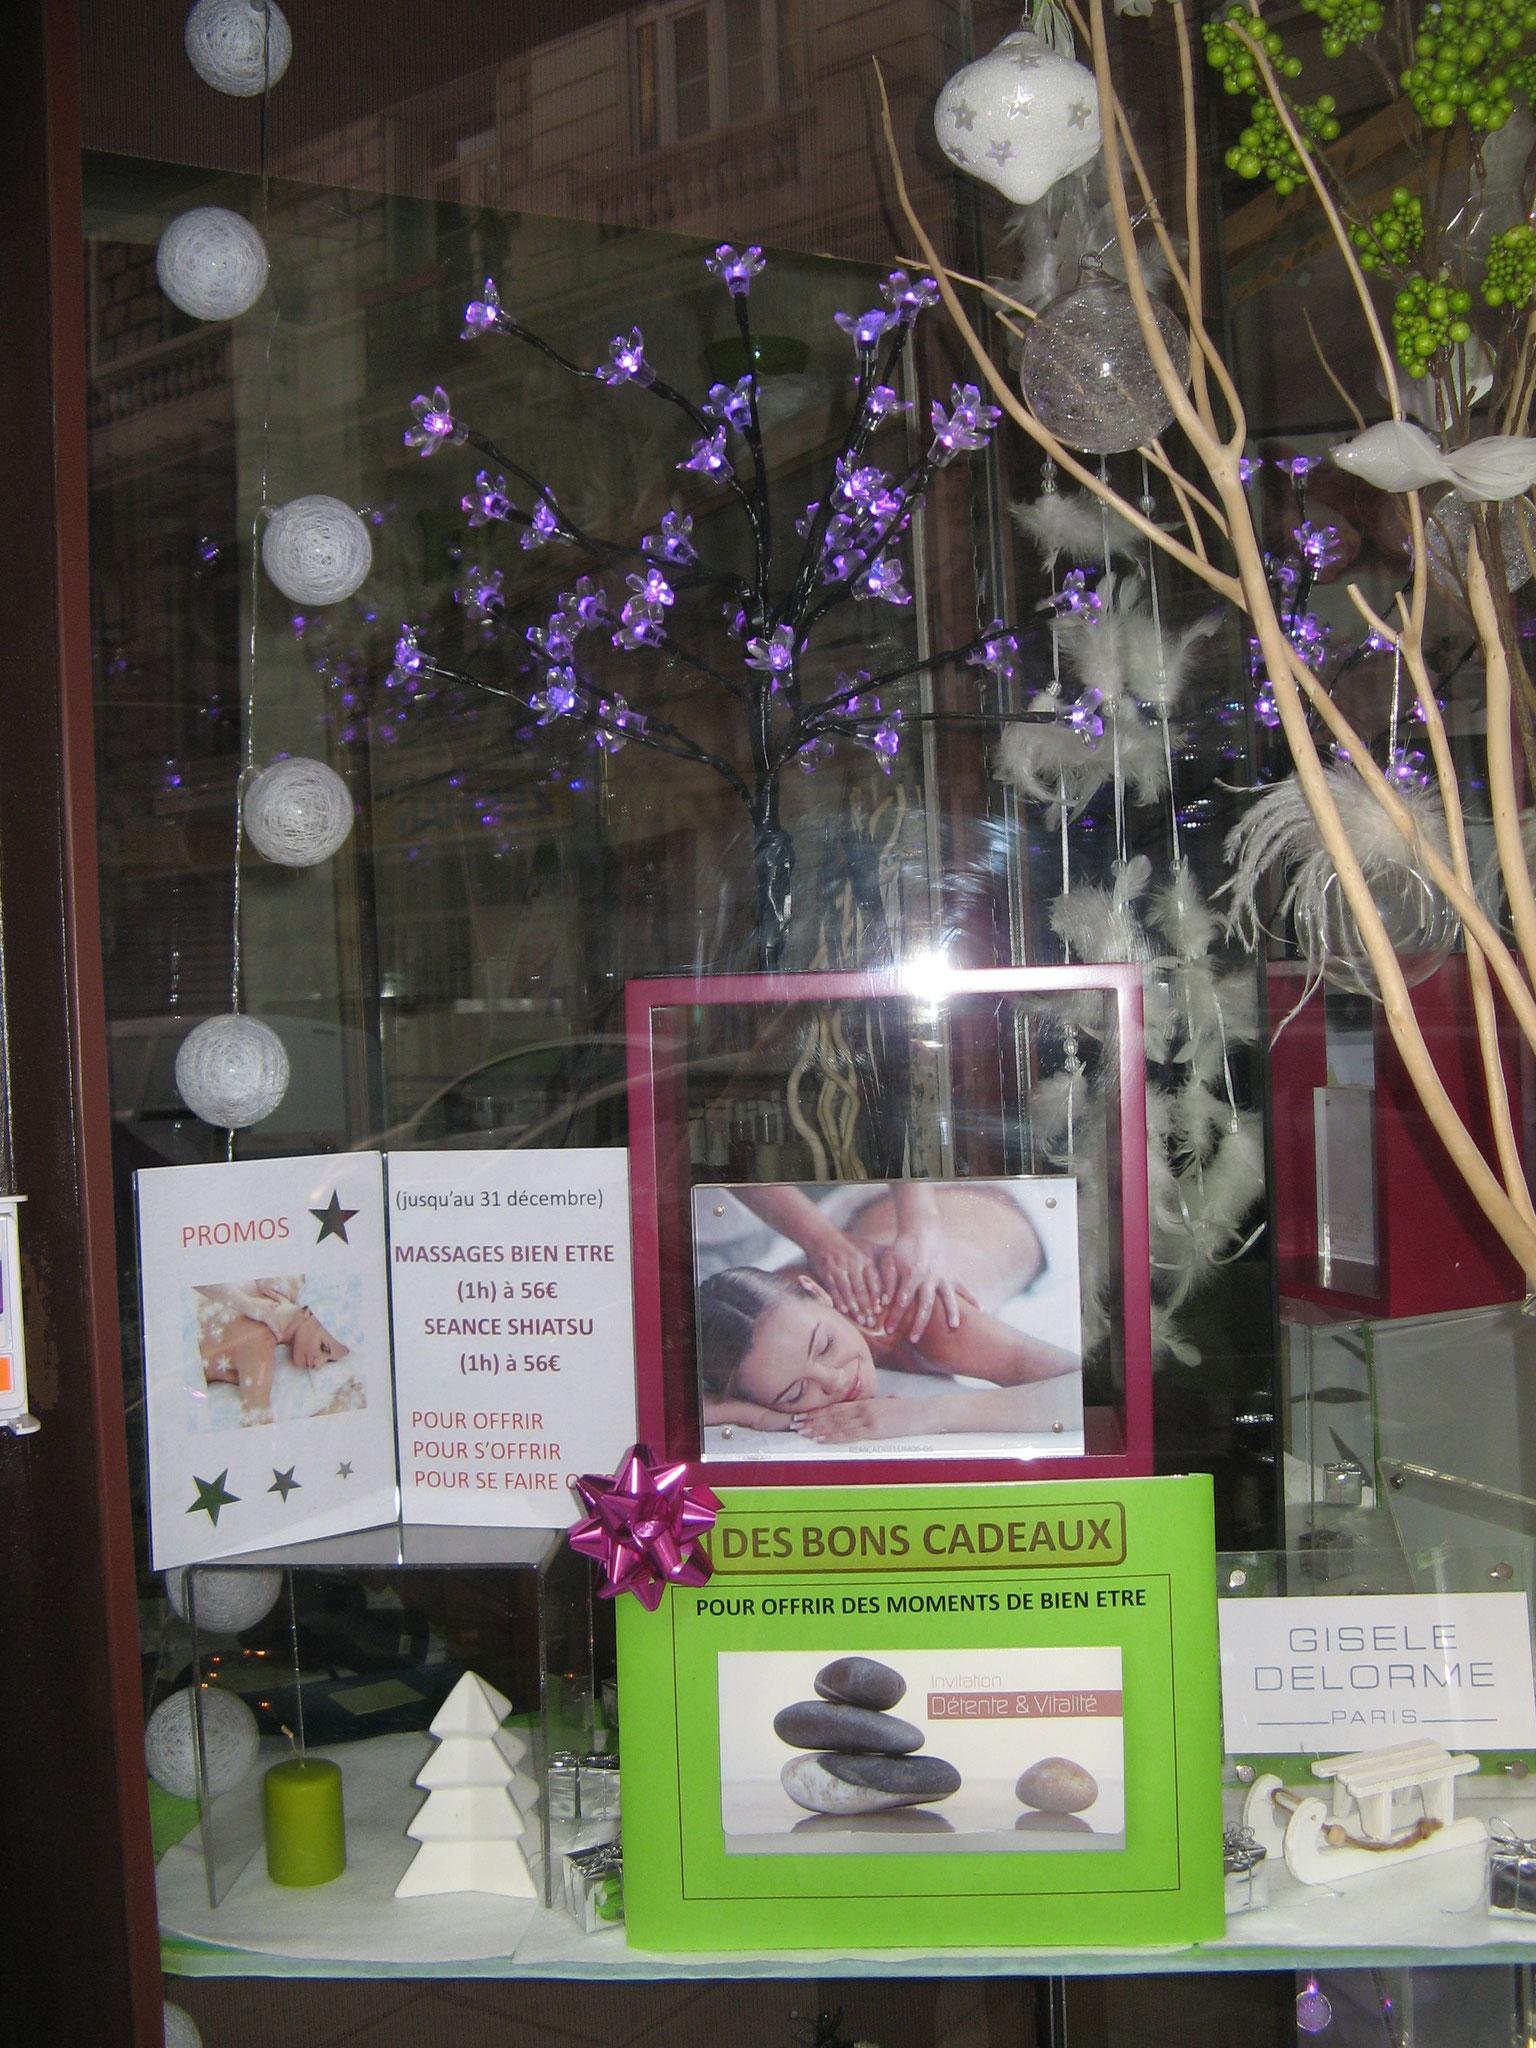 perle-de-beauté-nice-institut-de-beauté-et-massages